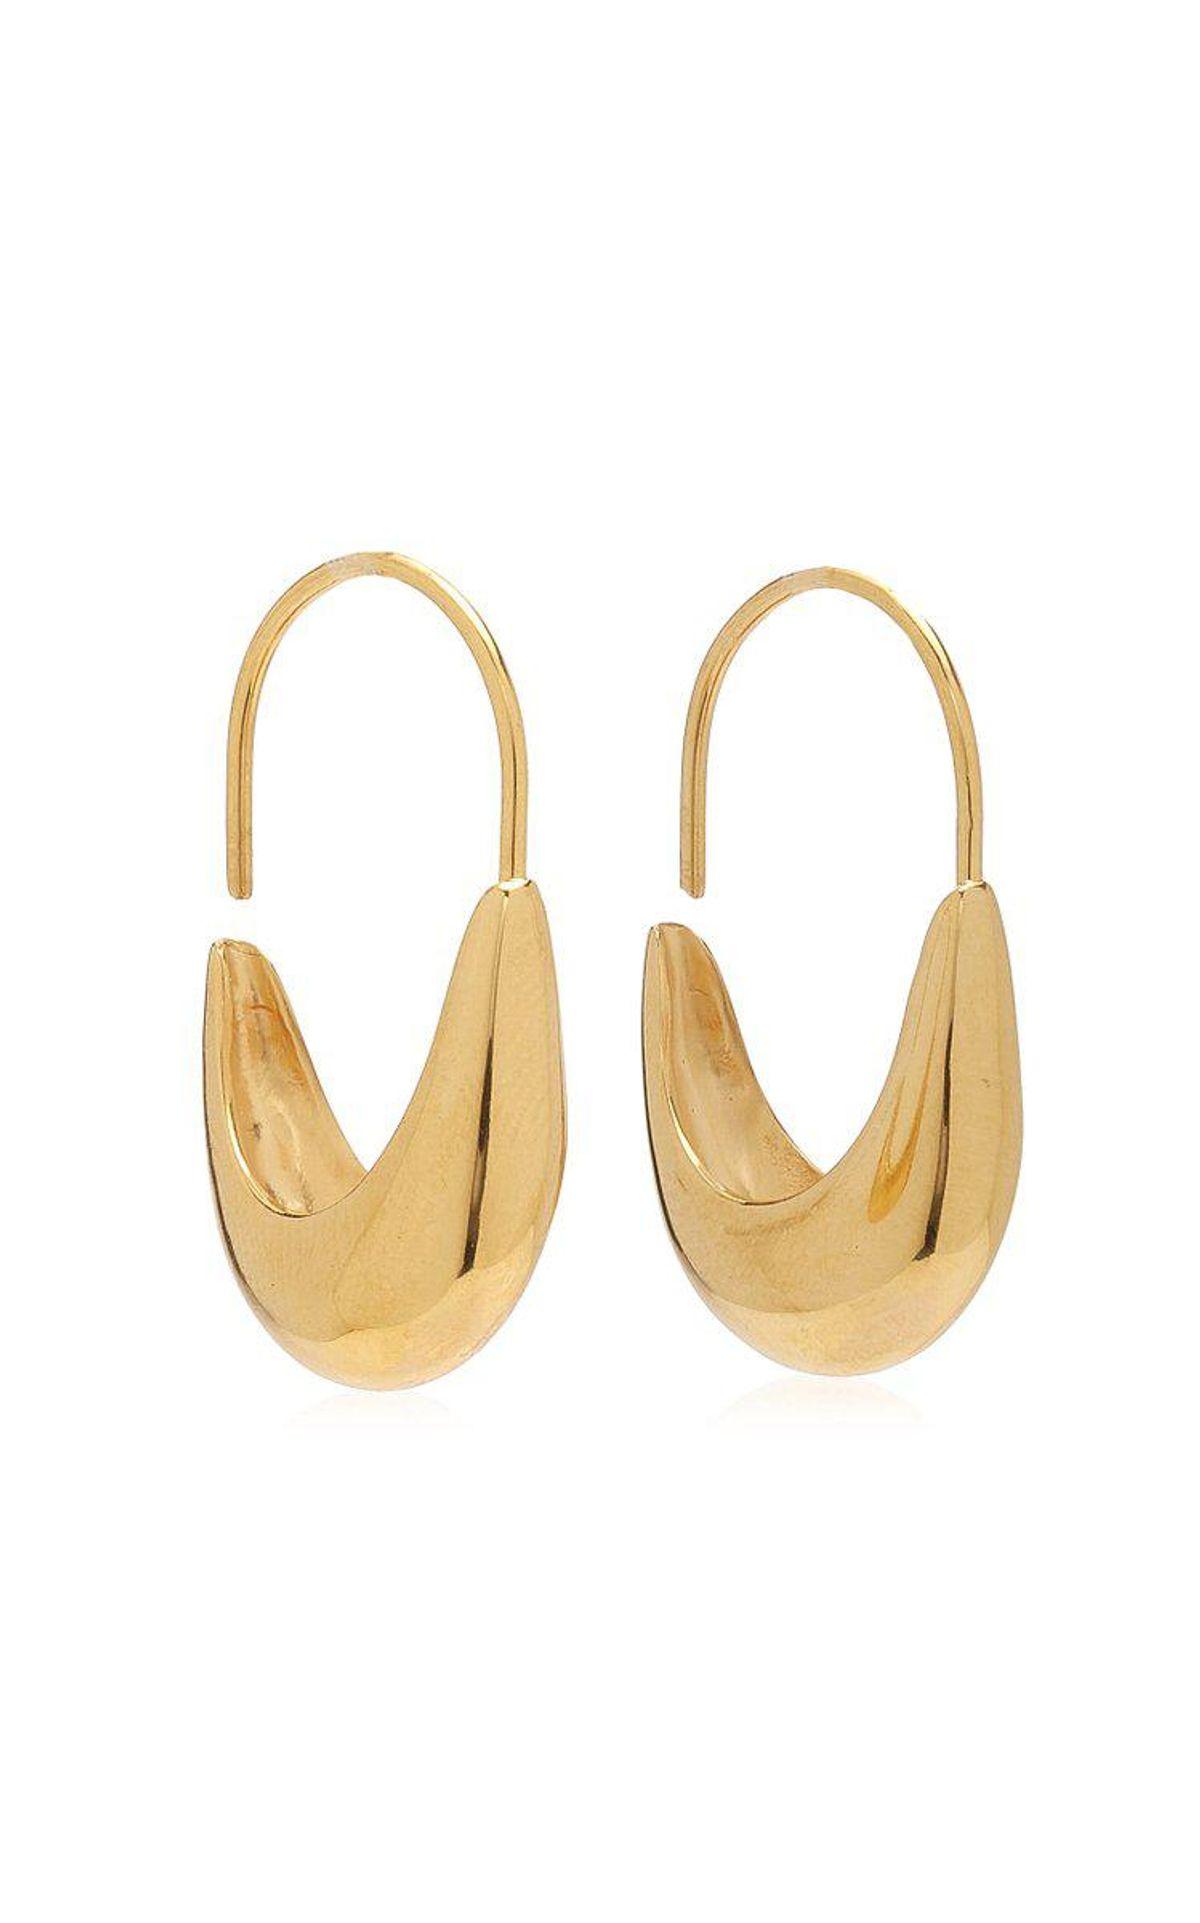 14k Gold-Plated Marta Earrings